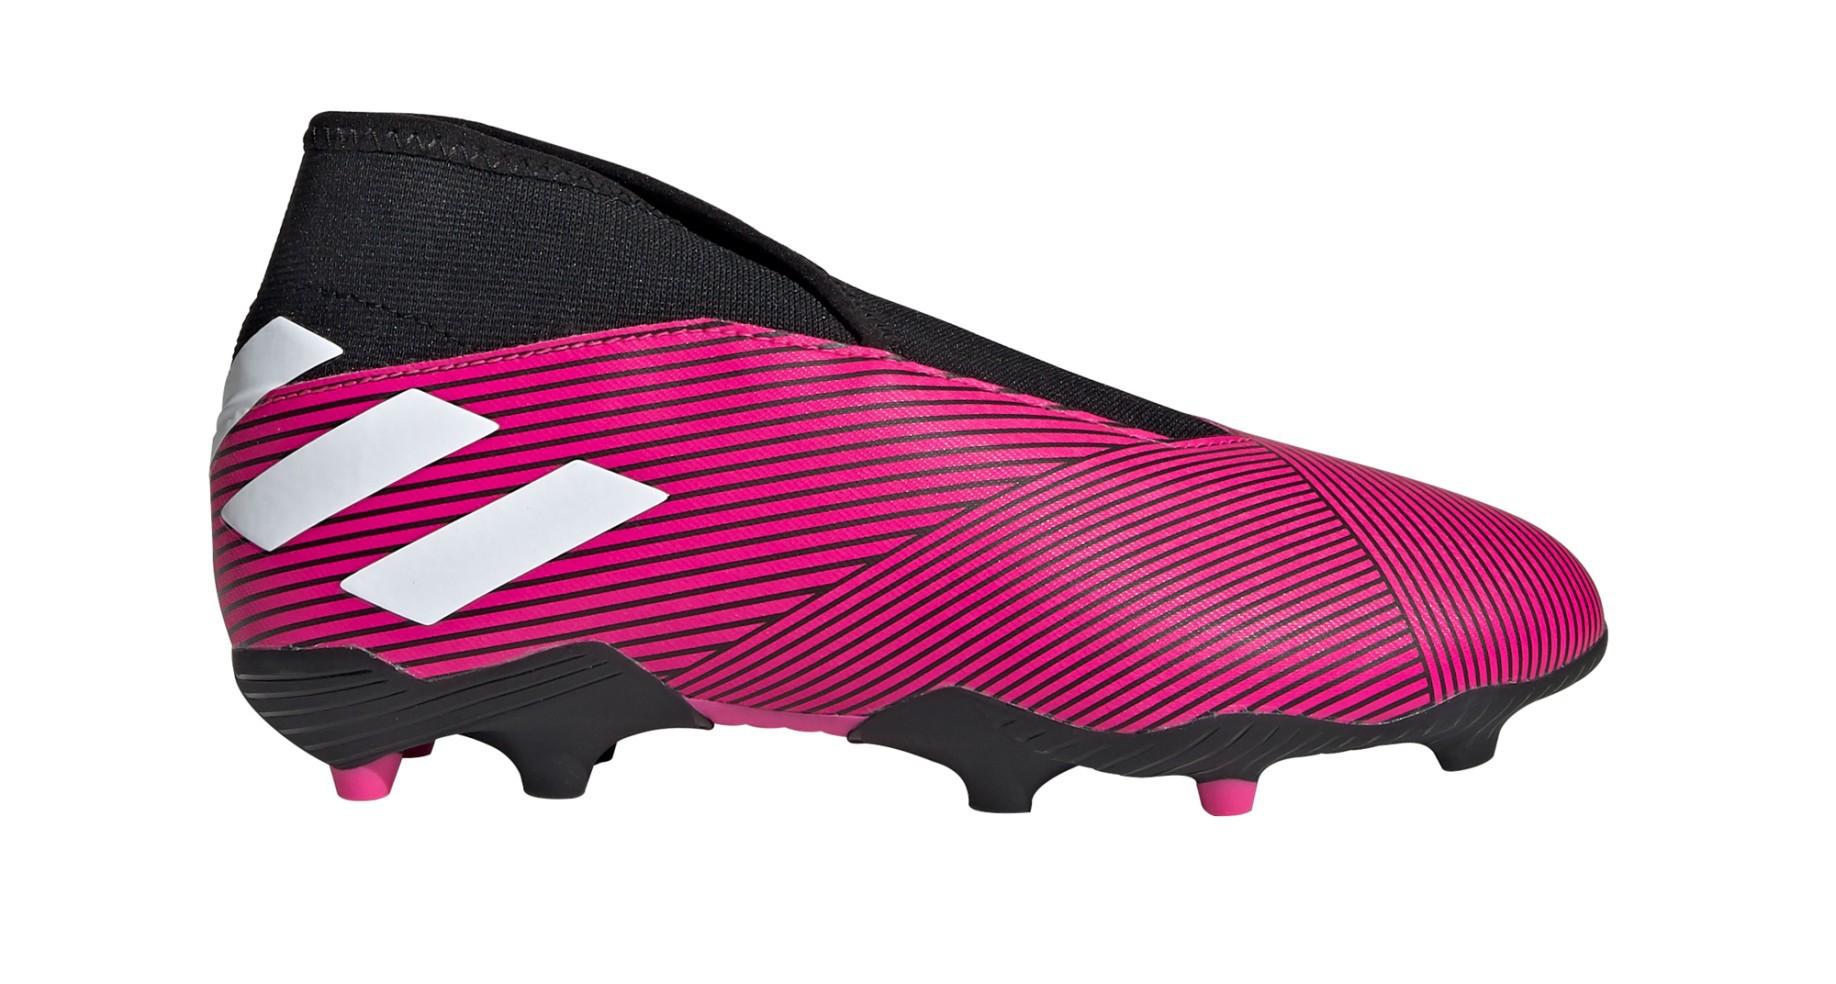 Chaussures de football Garçon Adidas Nemeziz 19.3 LL FG Câblé Pack